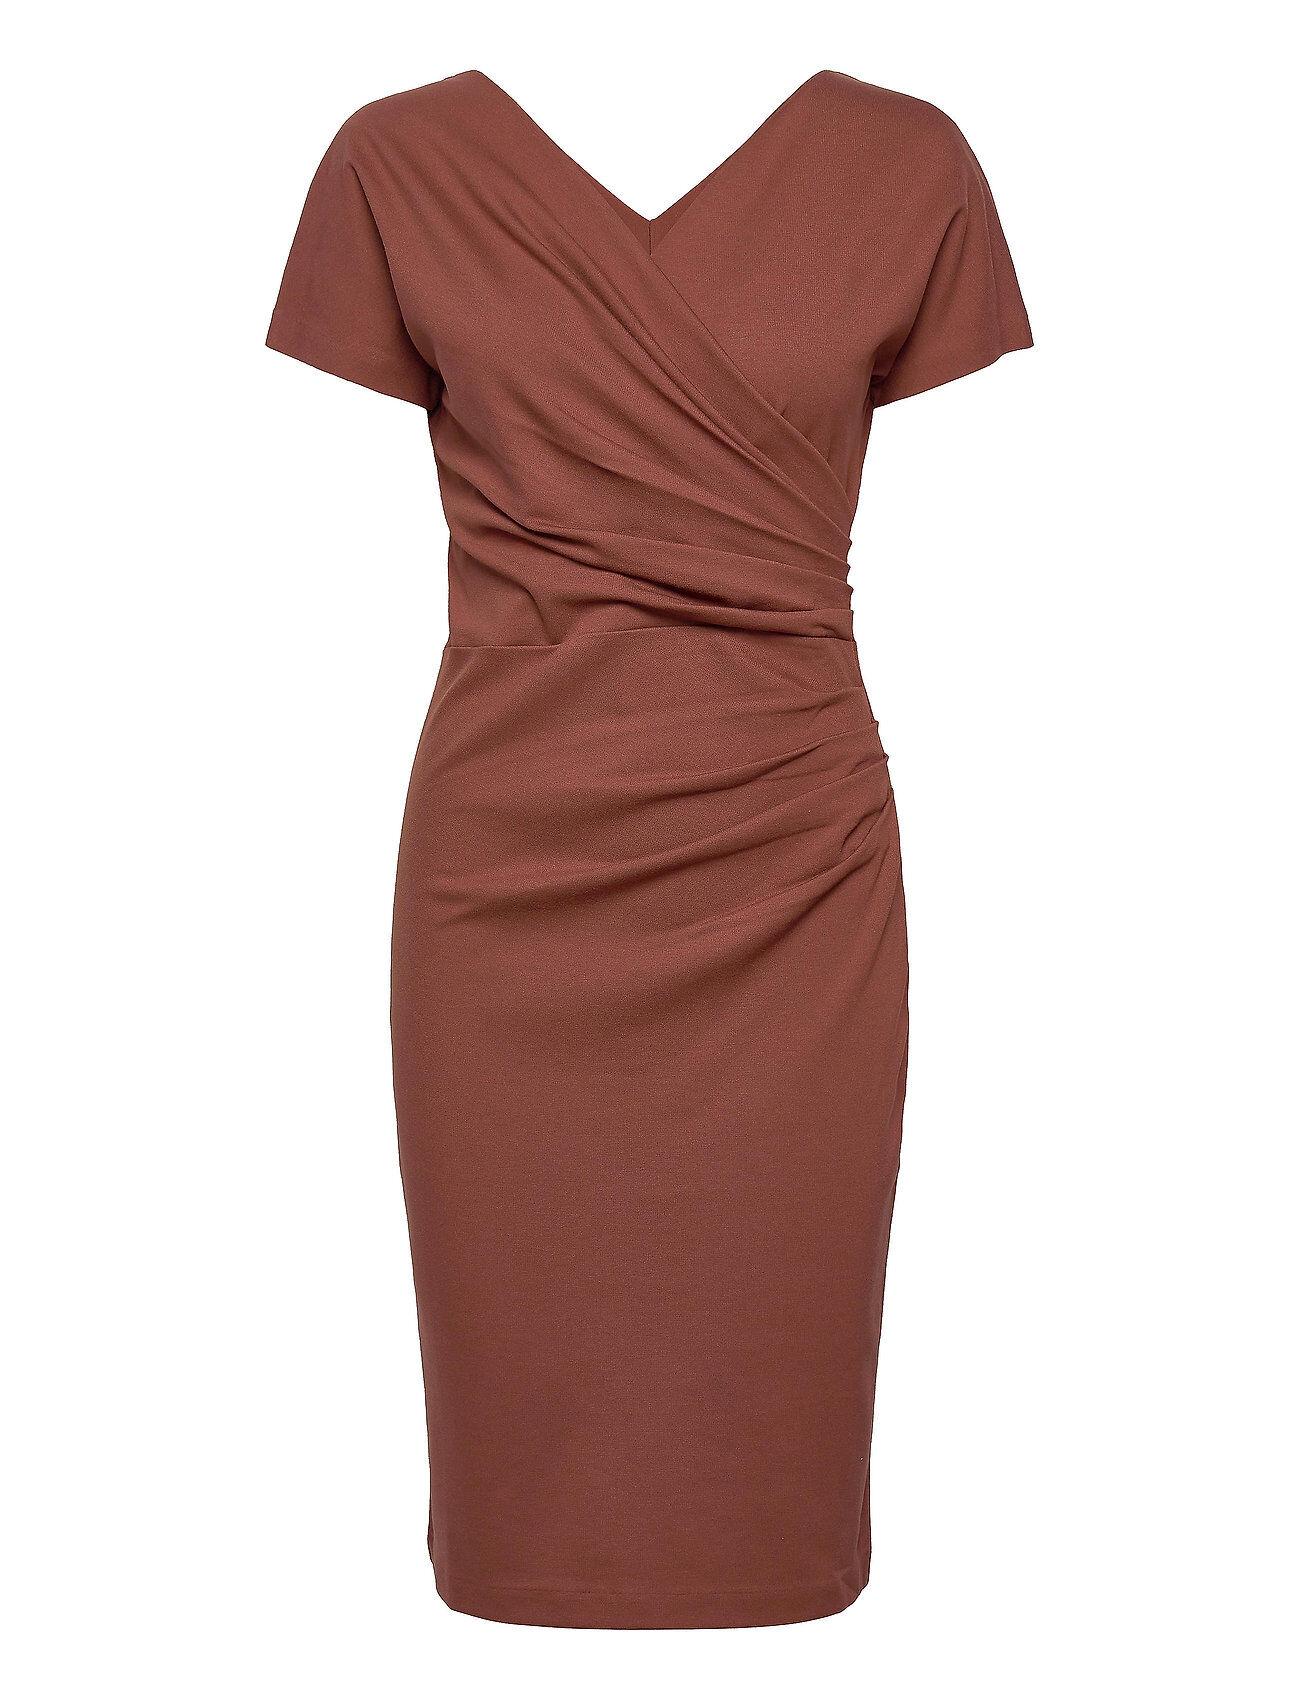 Residus Ava Ecovero Dress Polvipituinen Mekko Punainen Residus